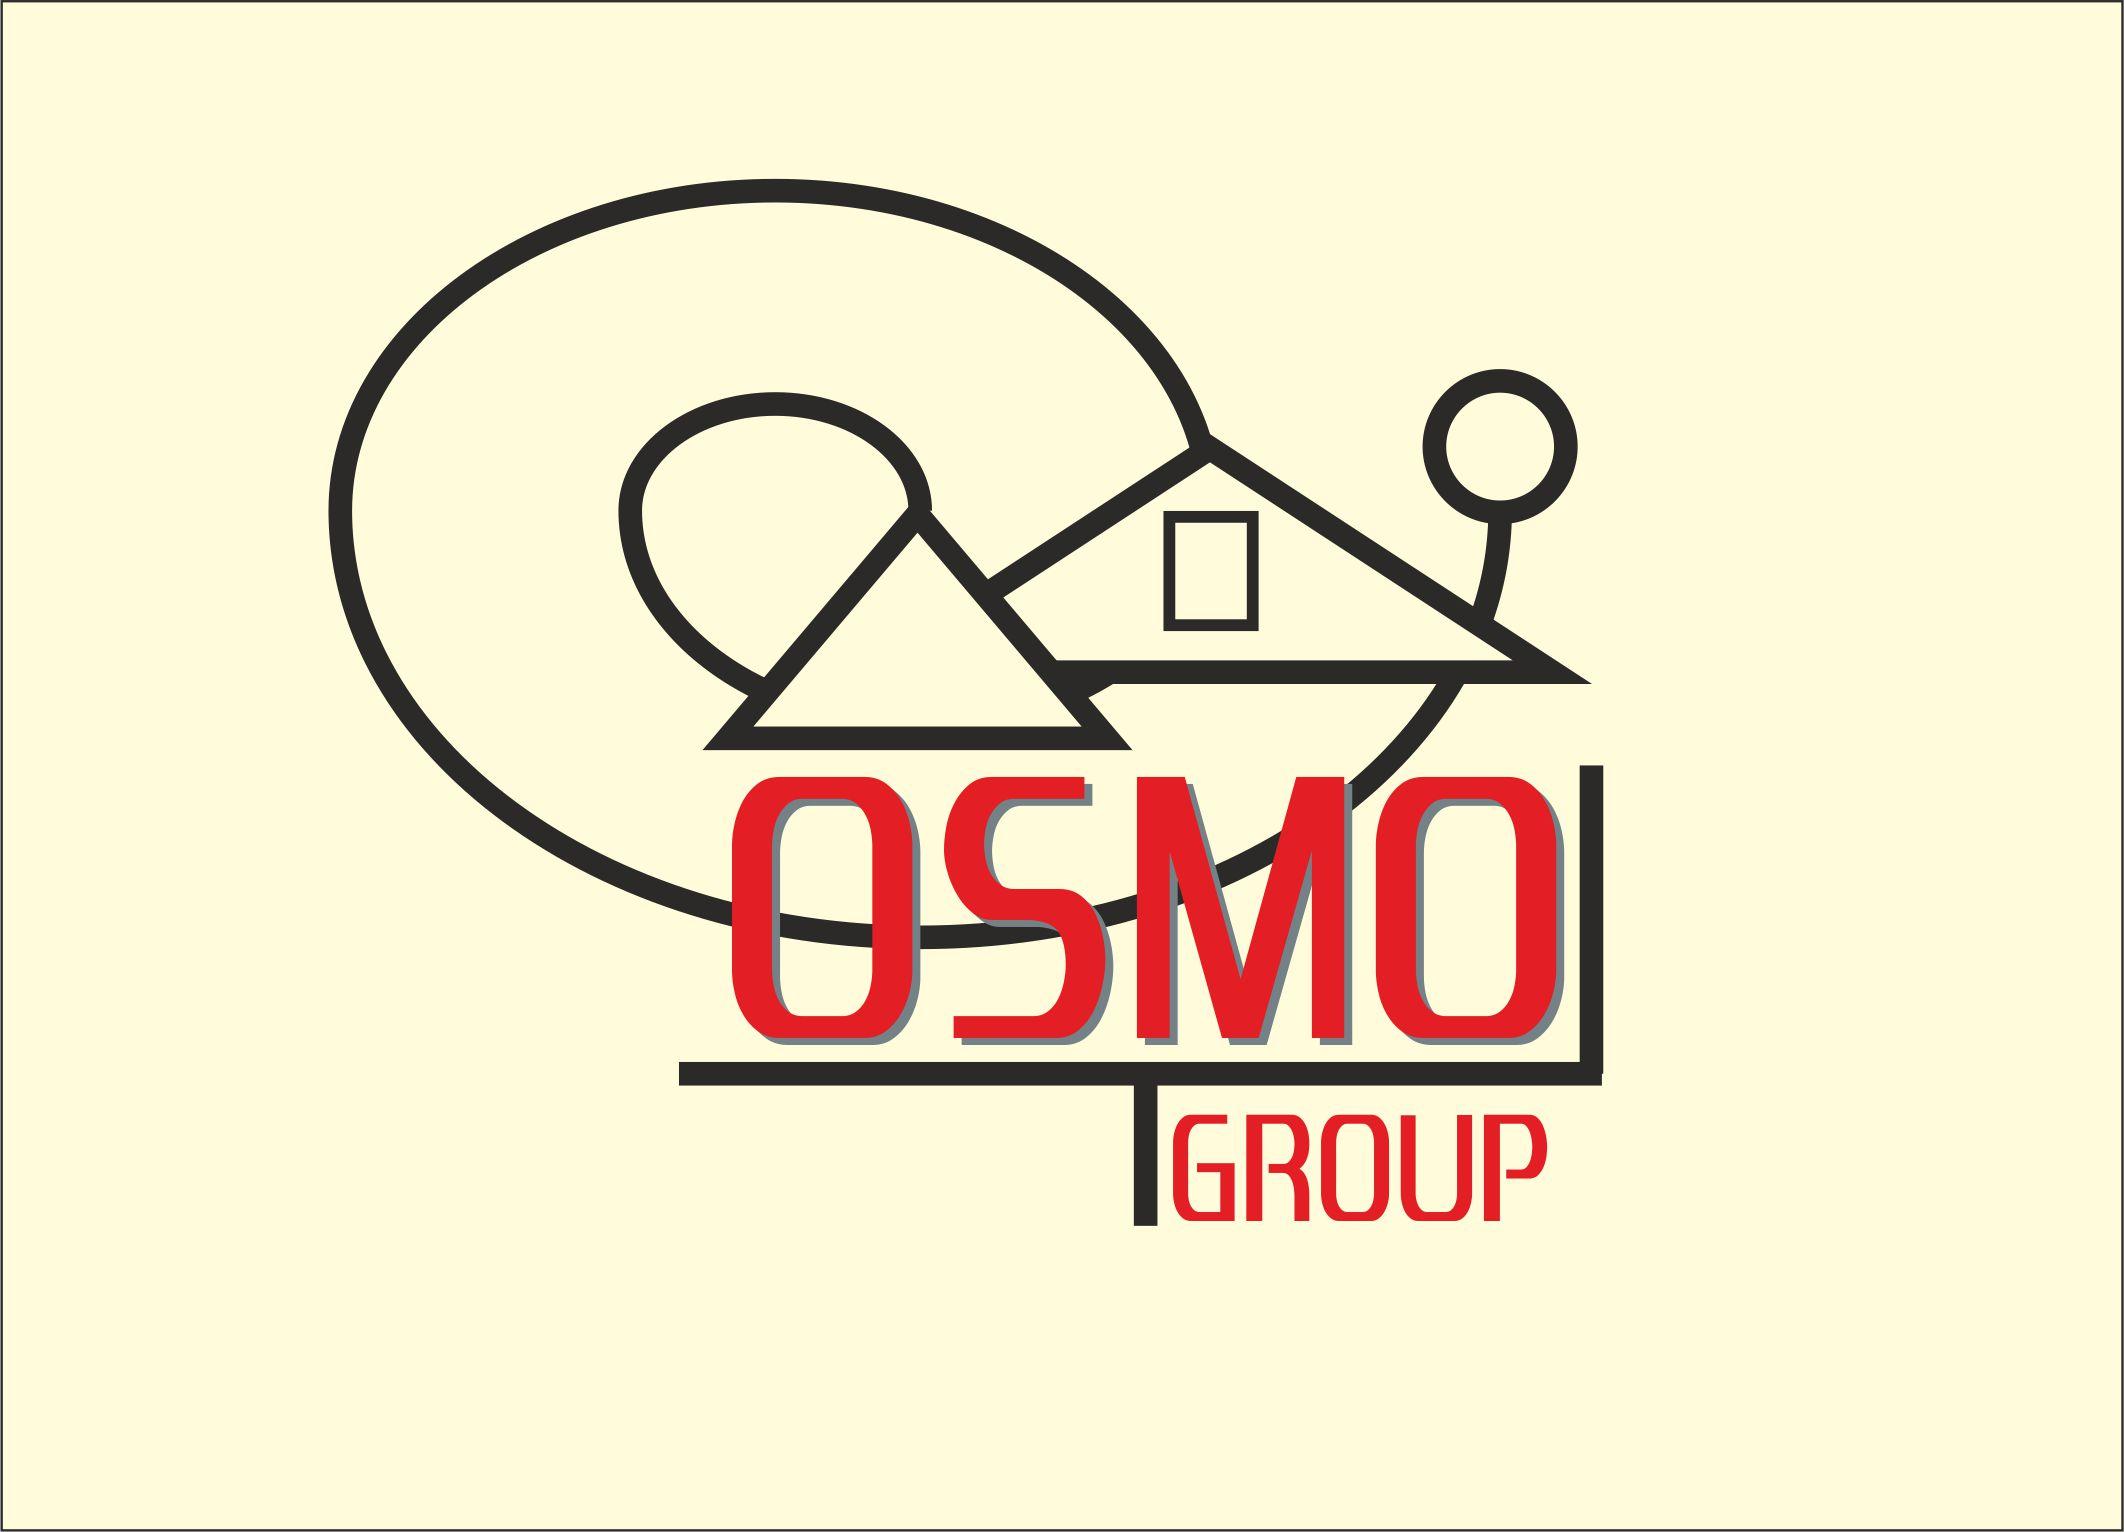 Создание логотипа для строительной компании OSMO group  фото f_24759b6a4c11def7.jpg